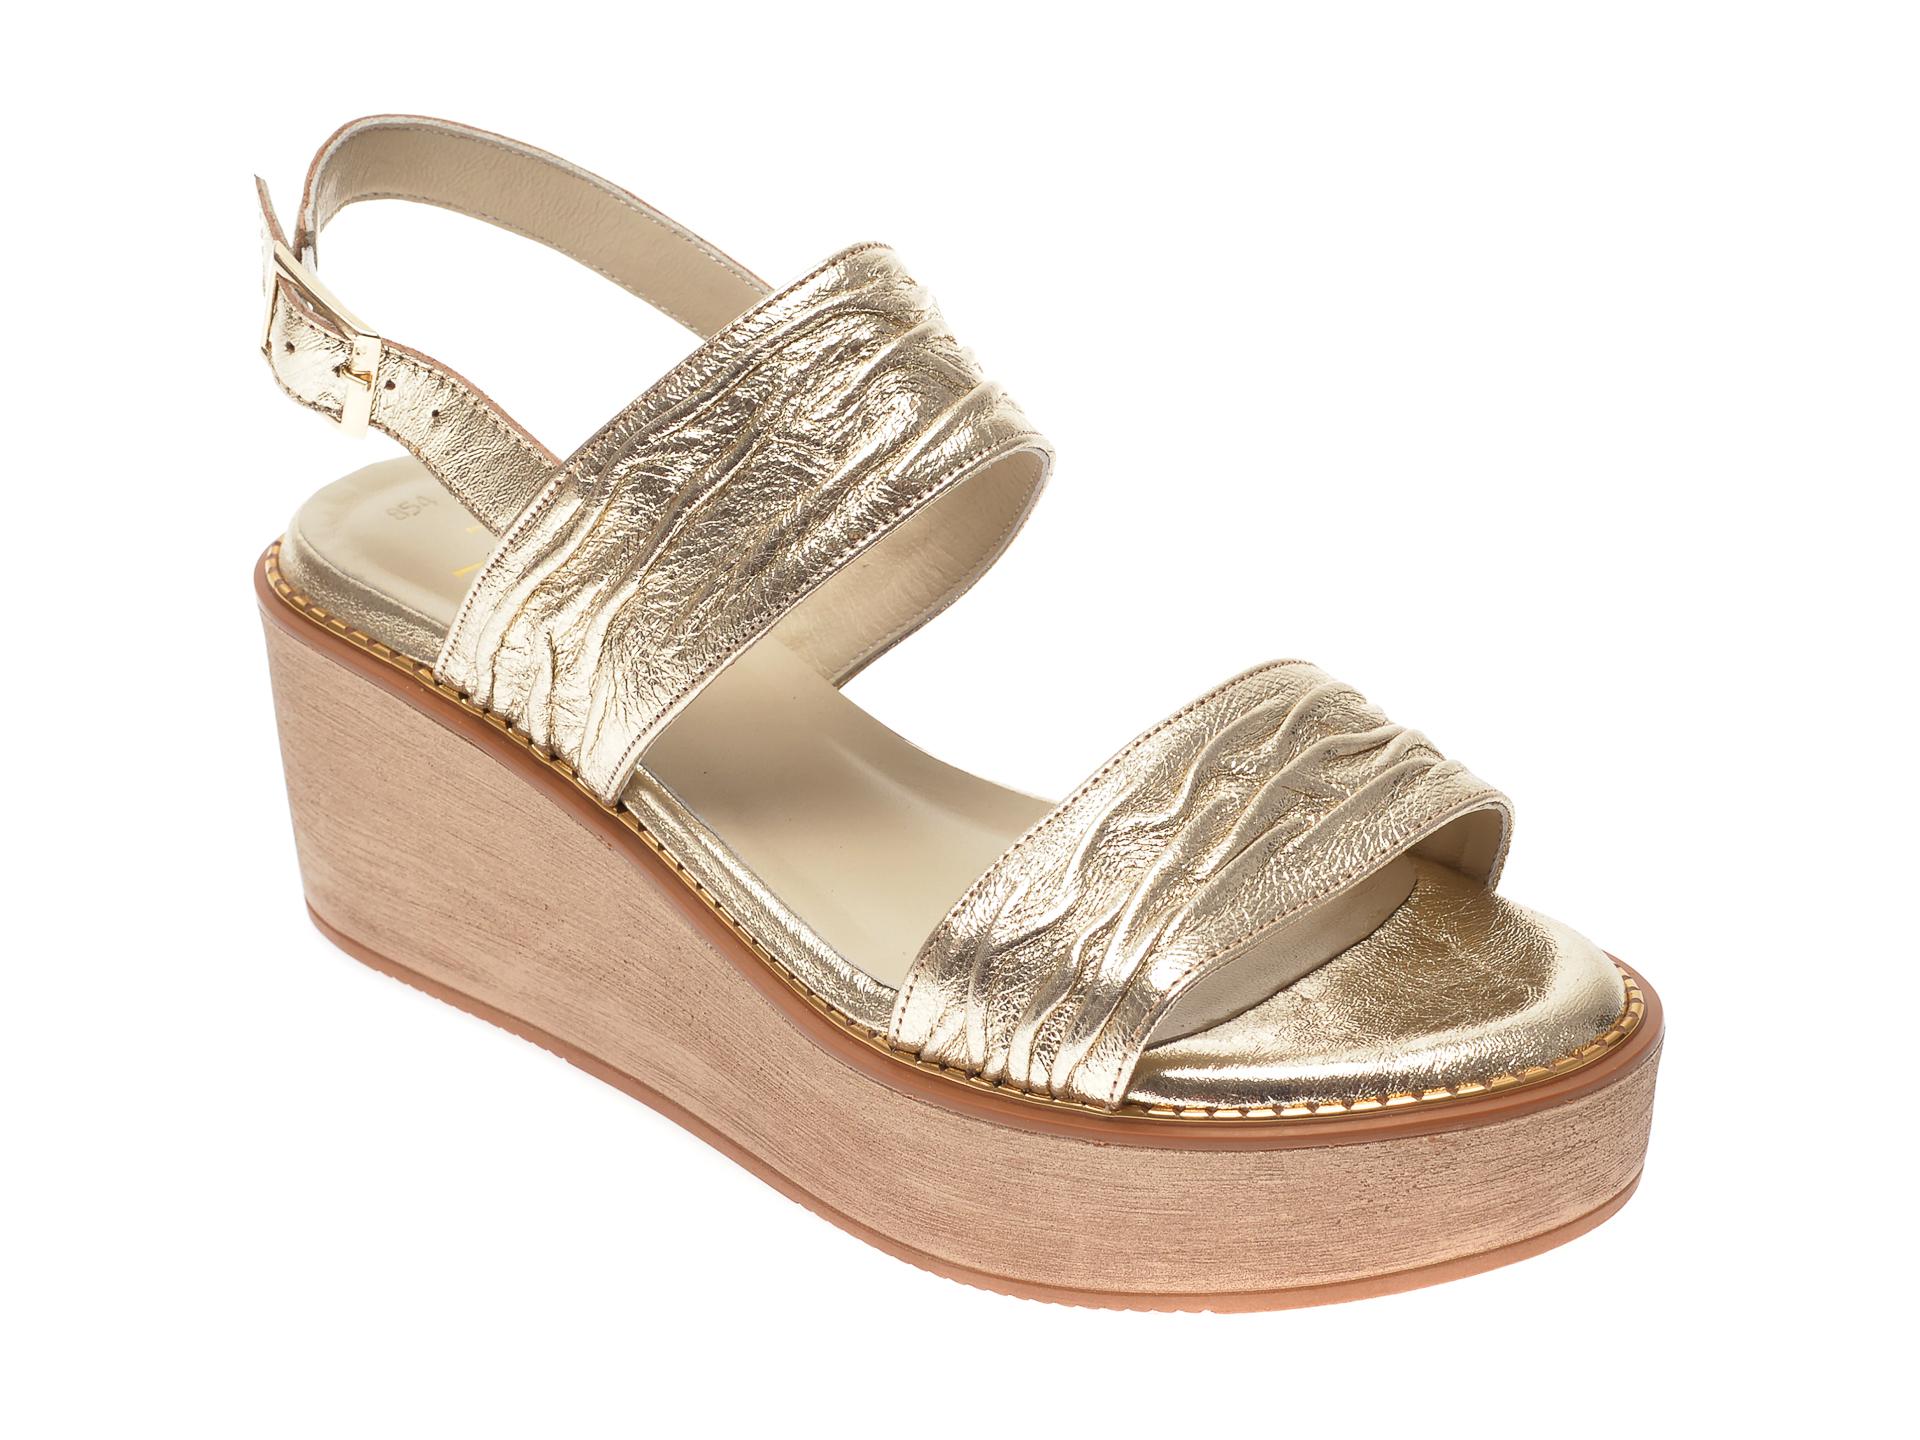 Sandale FLAVIA PASSINI aurii, 854, din piele naturala